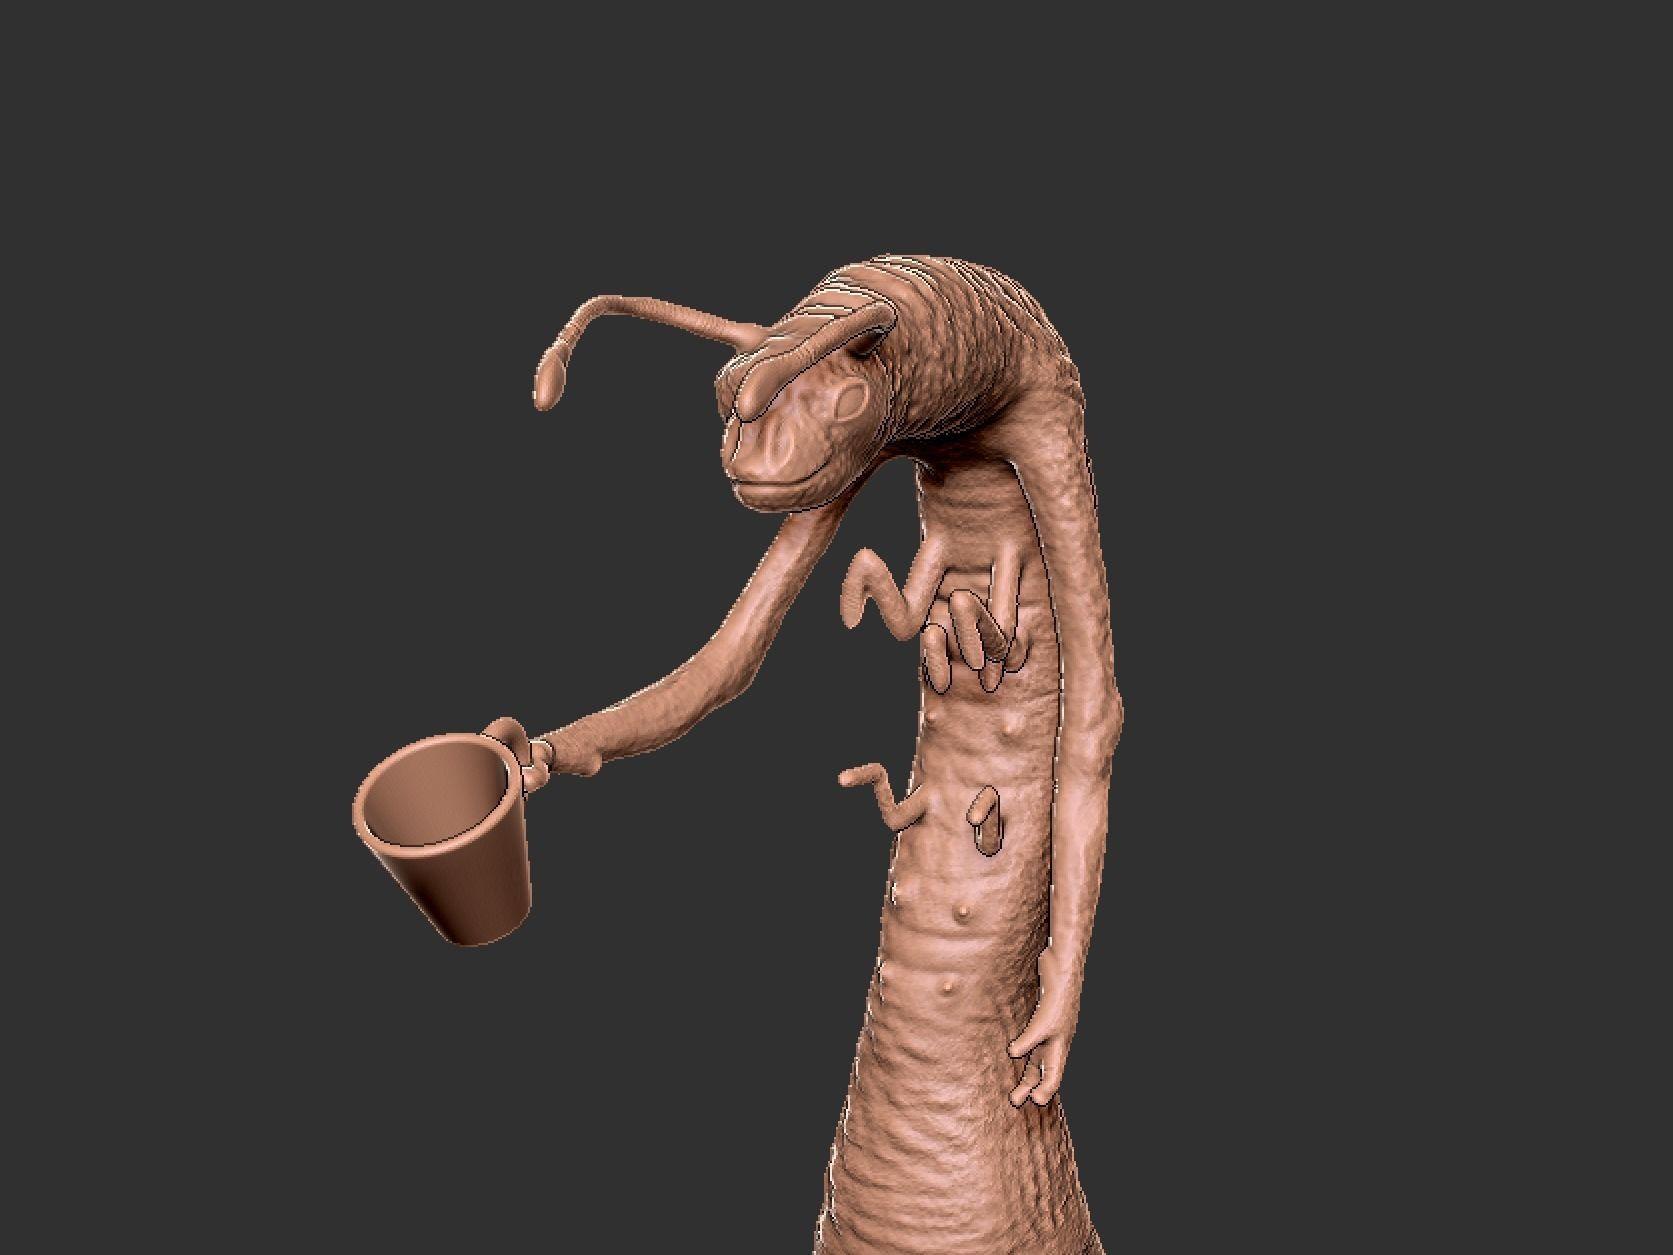 MIB Worm Guy